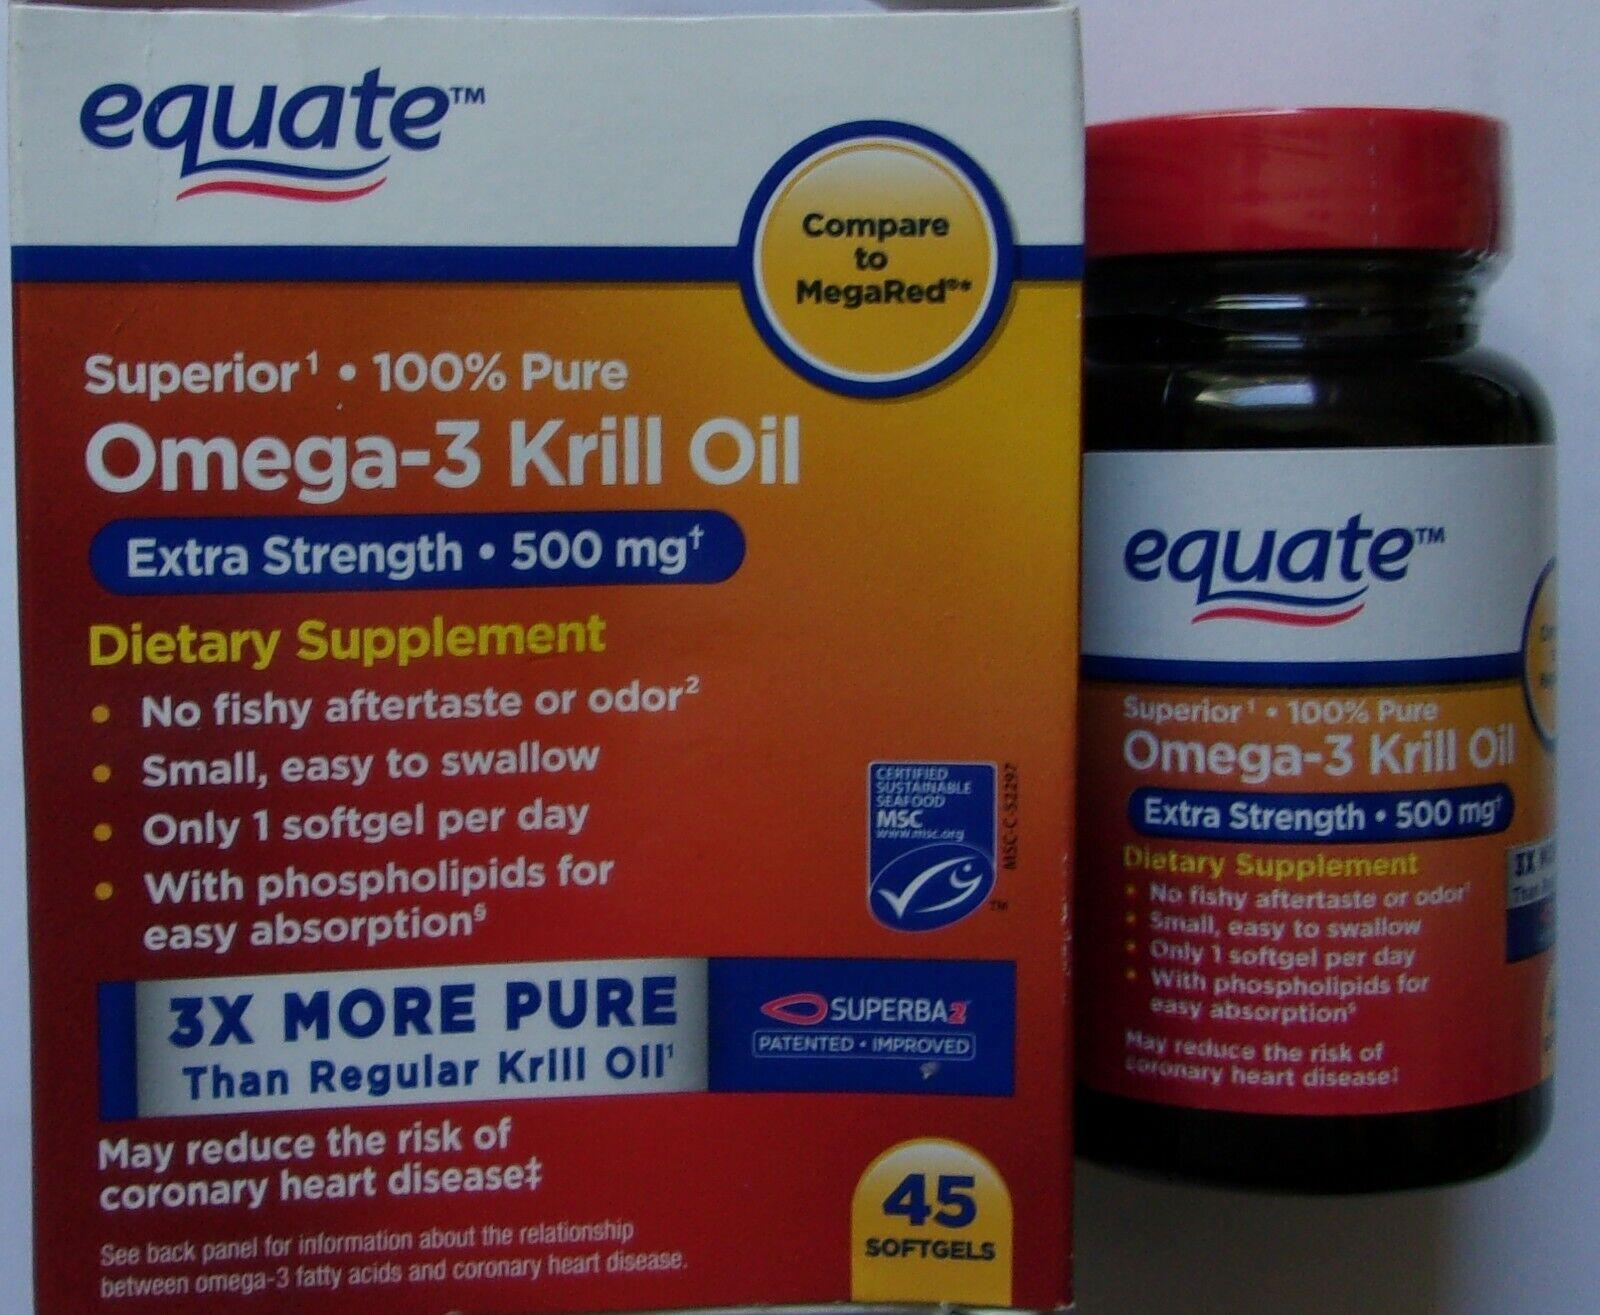 Equate Extra Strength 100% Pure Omega-3 Superba 500 mg Krill